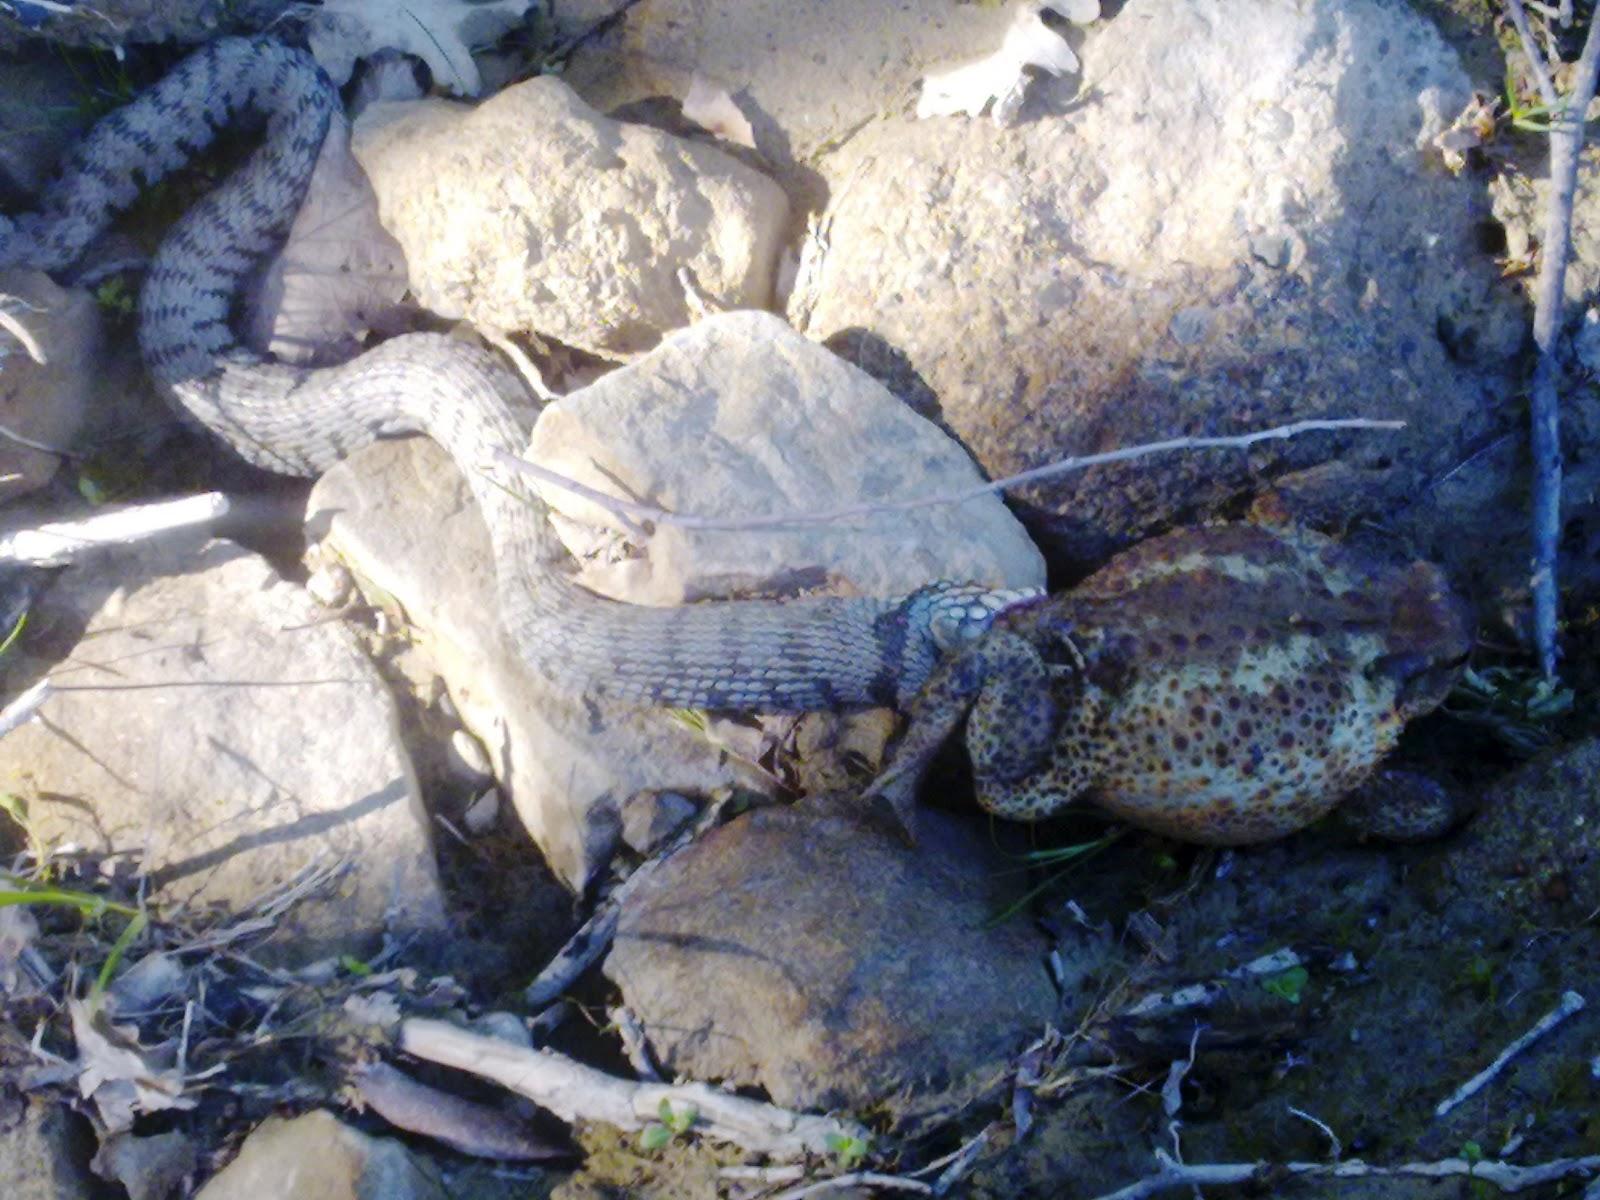 Cir super il blog di cir aprile 2012 for Serpente cervone